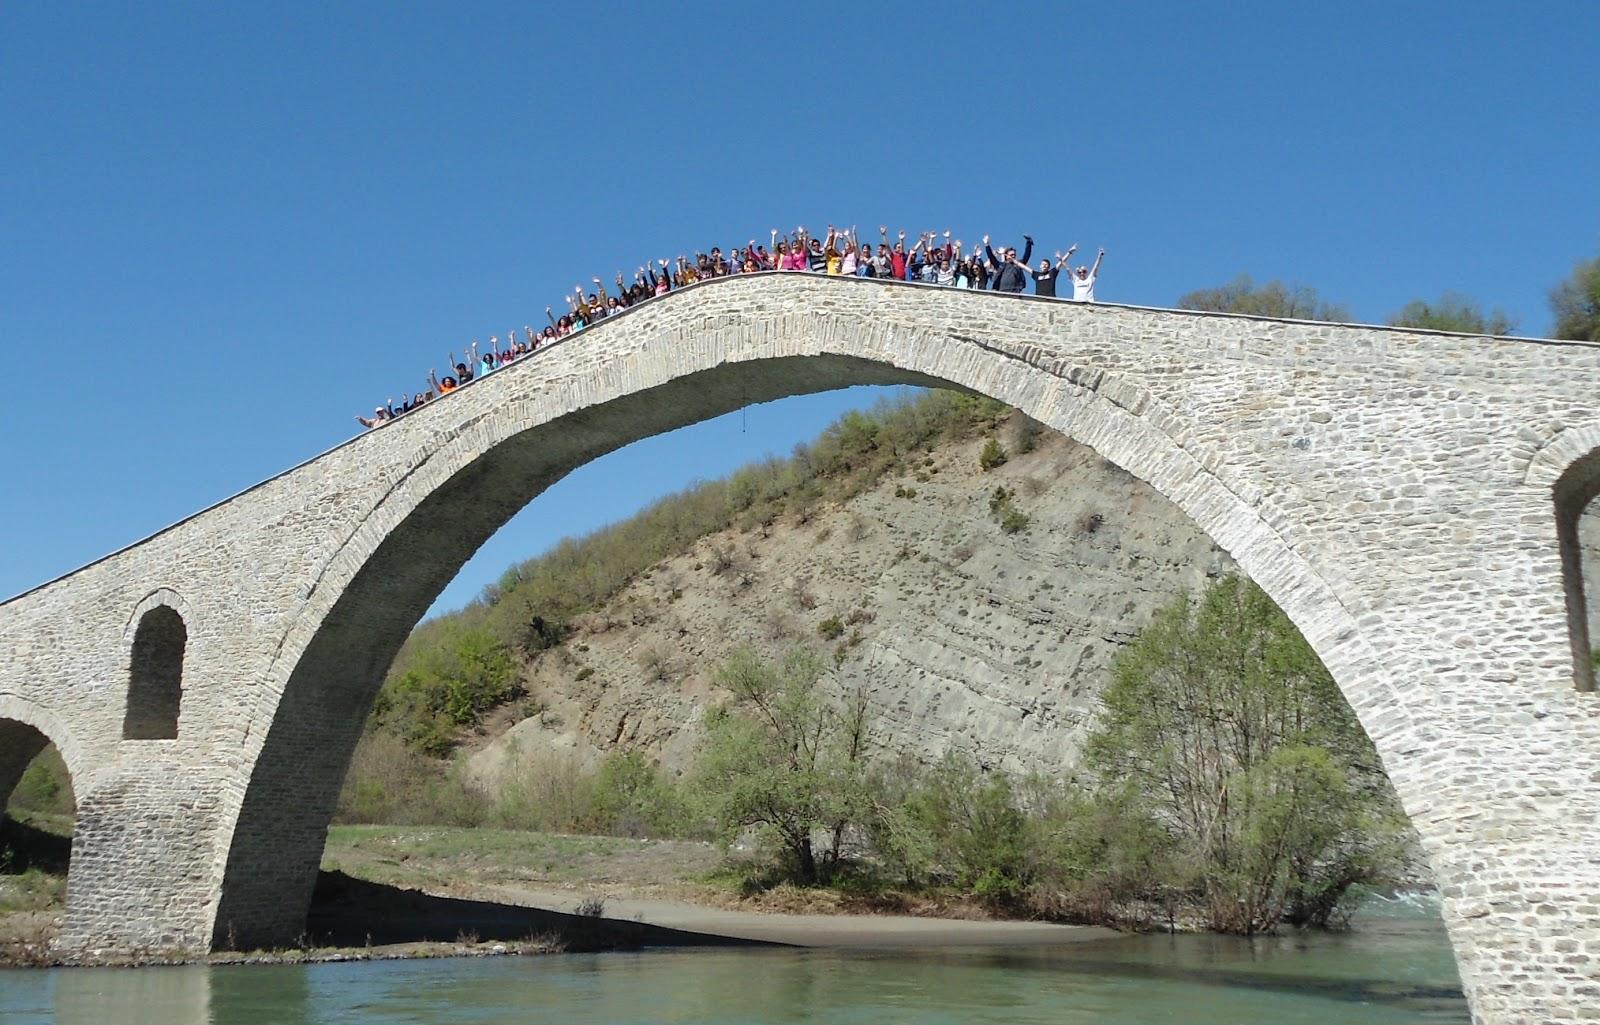 Τα δύο σχολεία στο γεφύριτου αζίζ-αγά